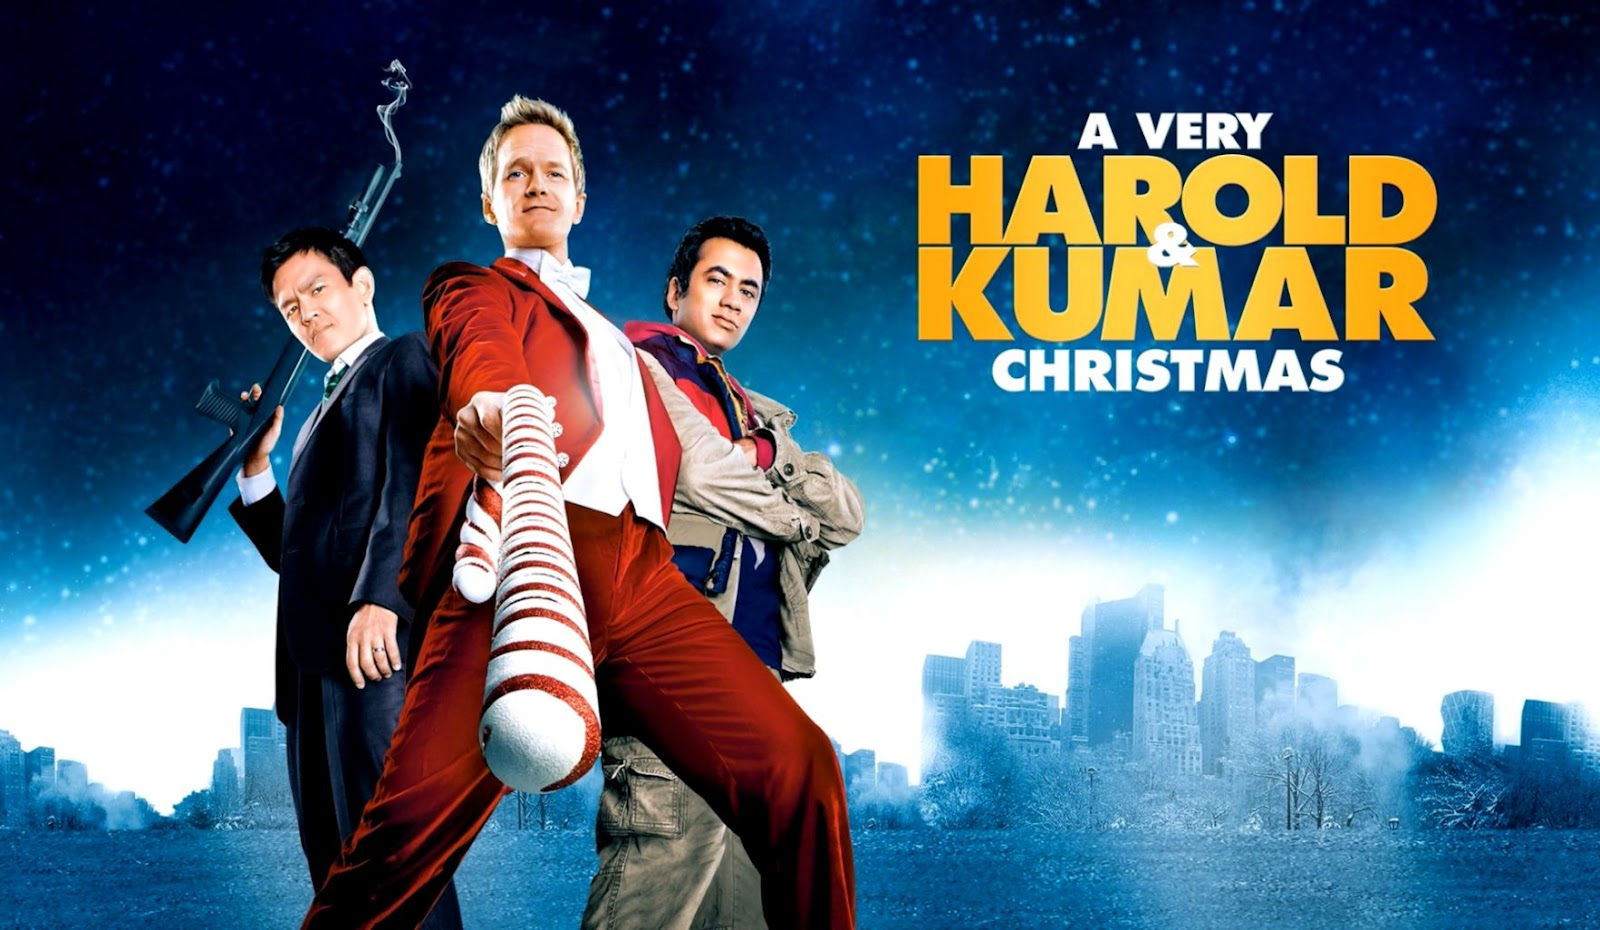 Harold And Kumar Christmas.A Very Harold Kumar Christmas Desktop Wallpapers Soft